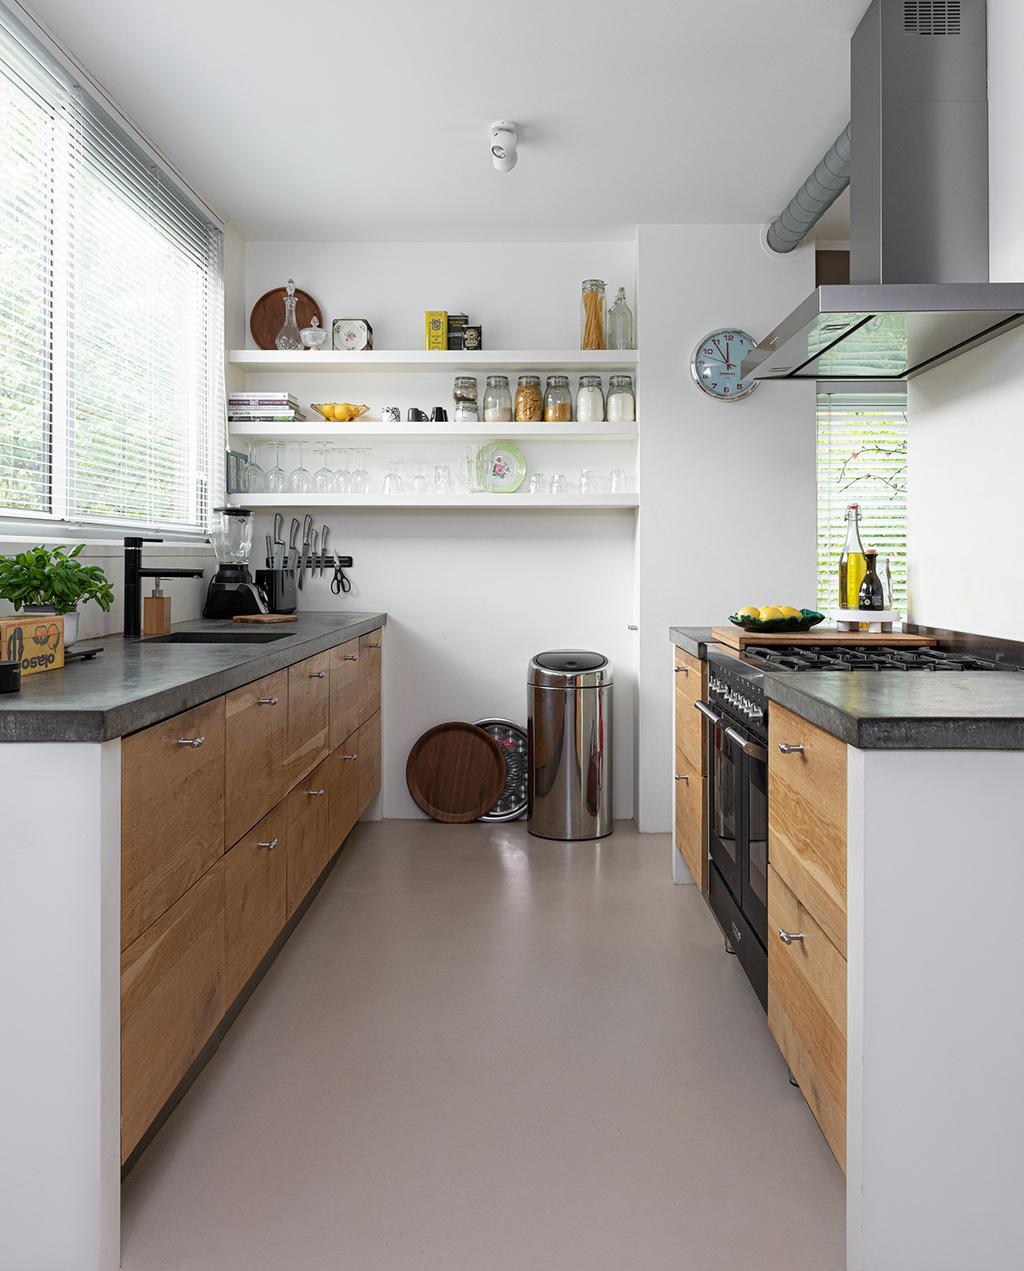 vtwonen 04-2021 | keuken met houten kasten en gietijzeren vloer